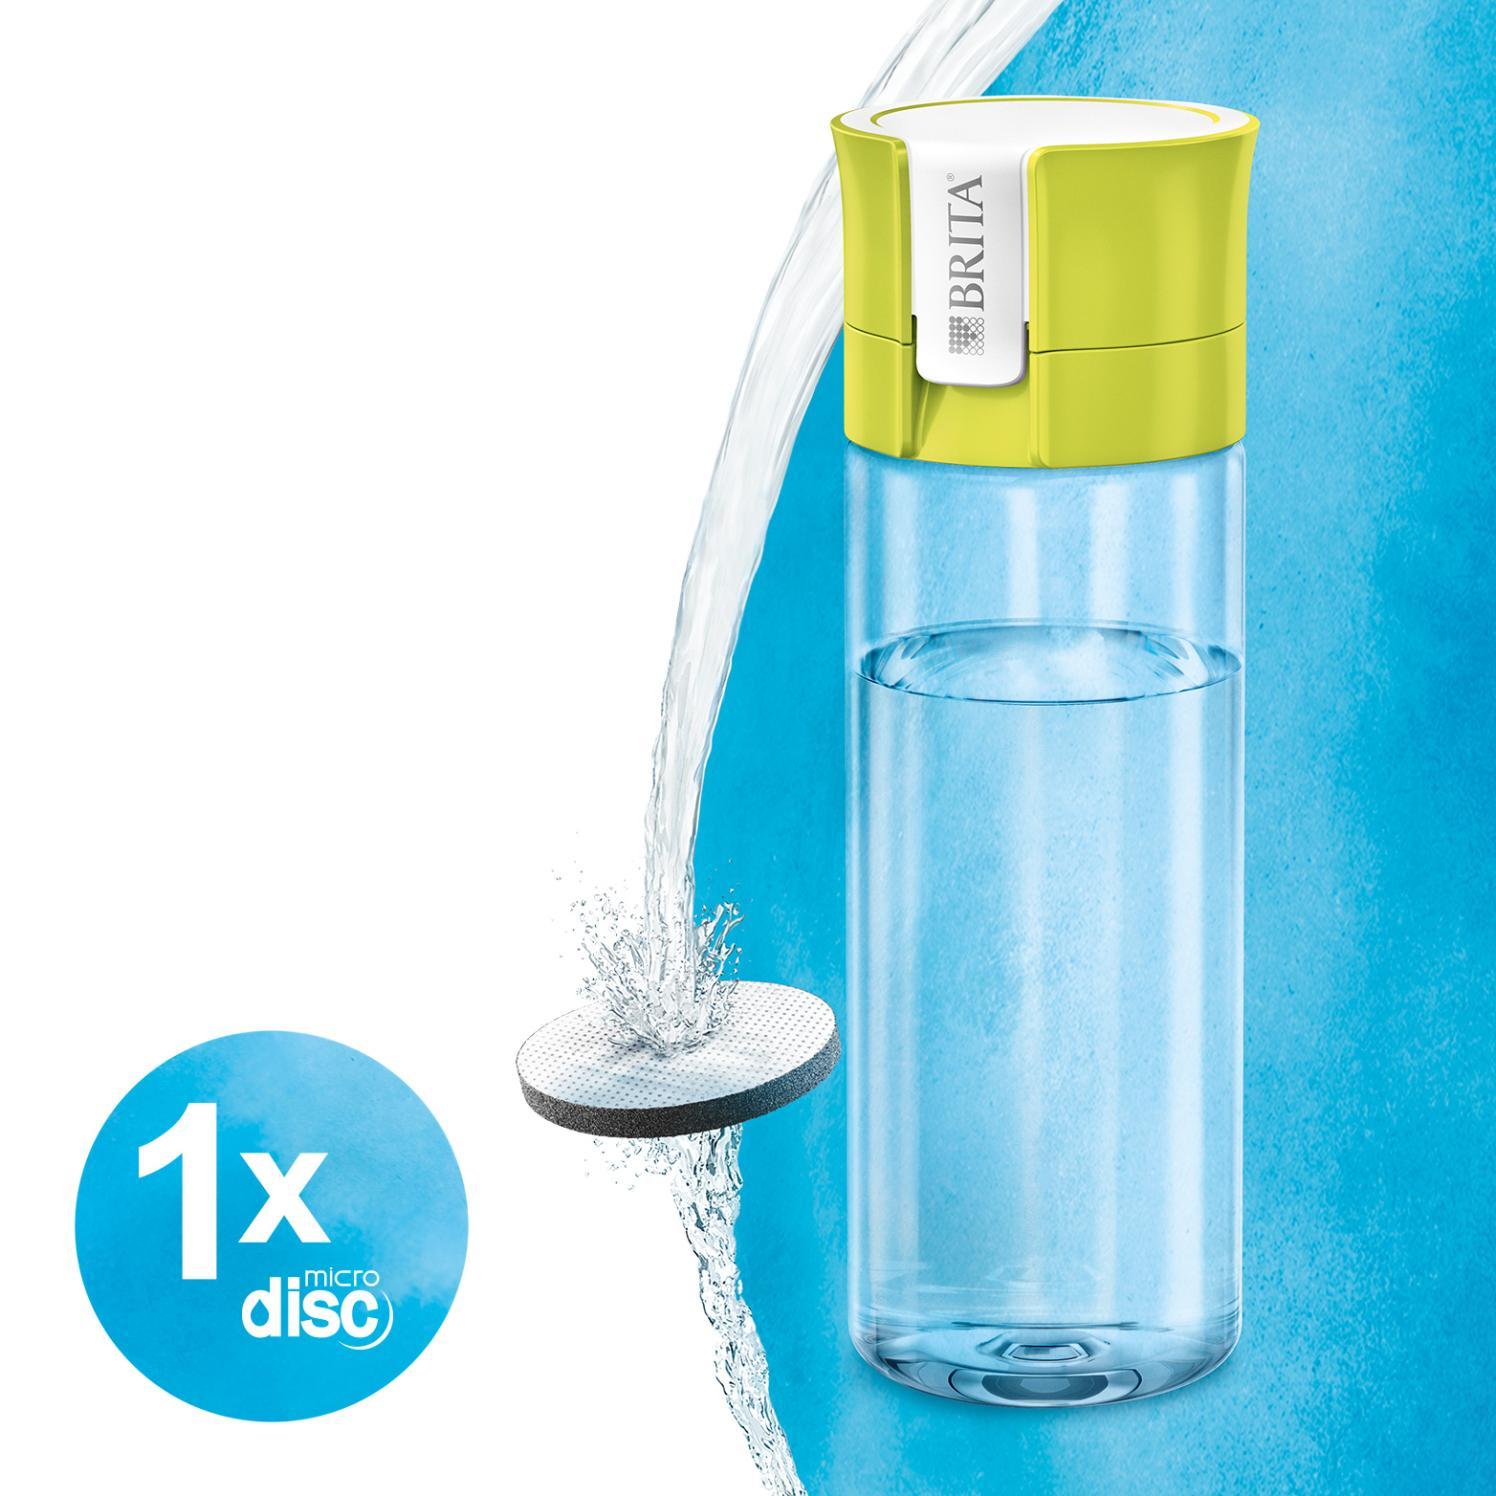 Personalverkauf - BRITA Wasserfilterflasche (fresh lime)